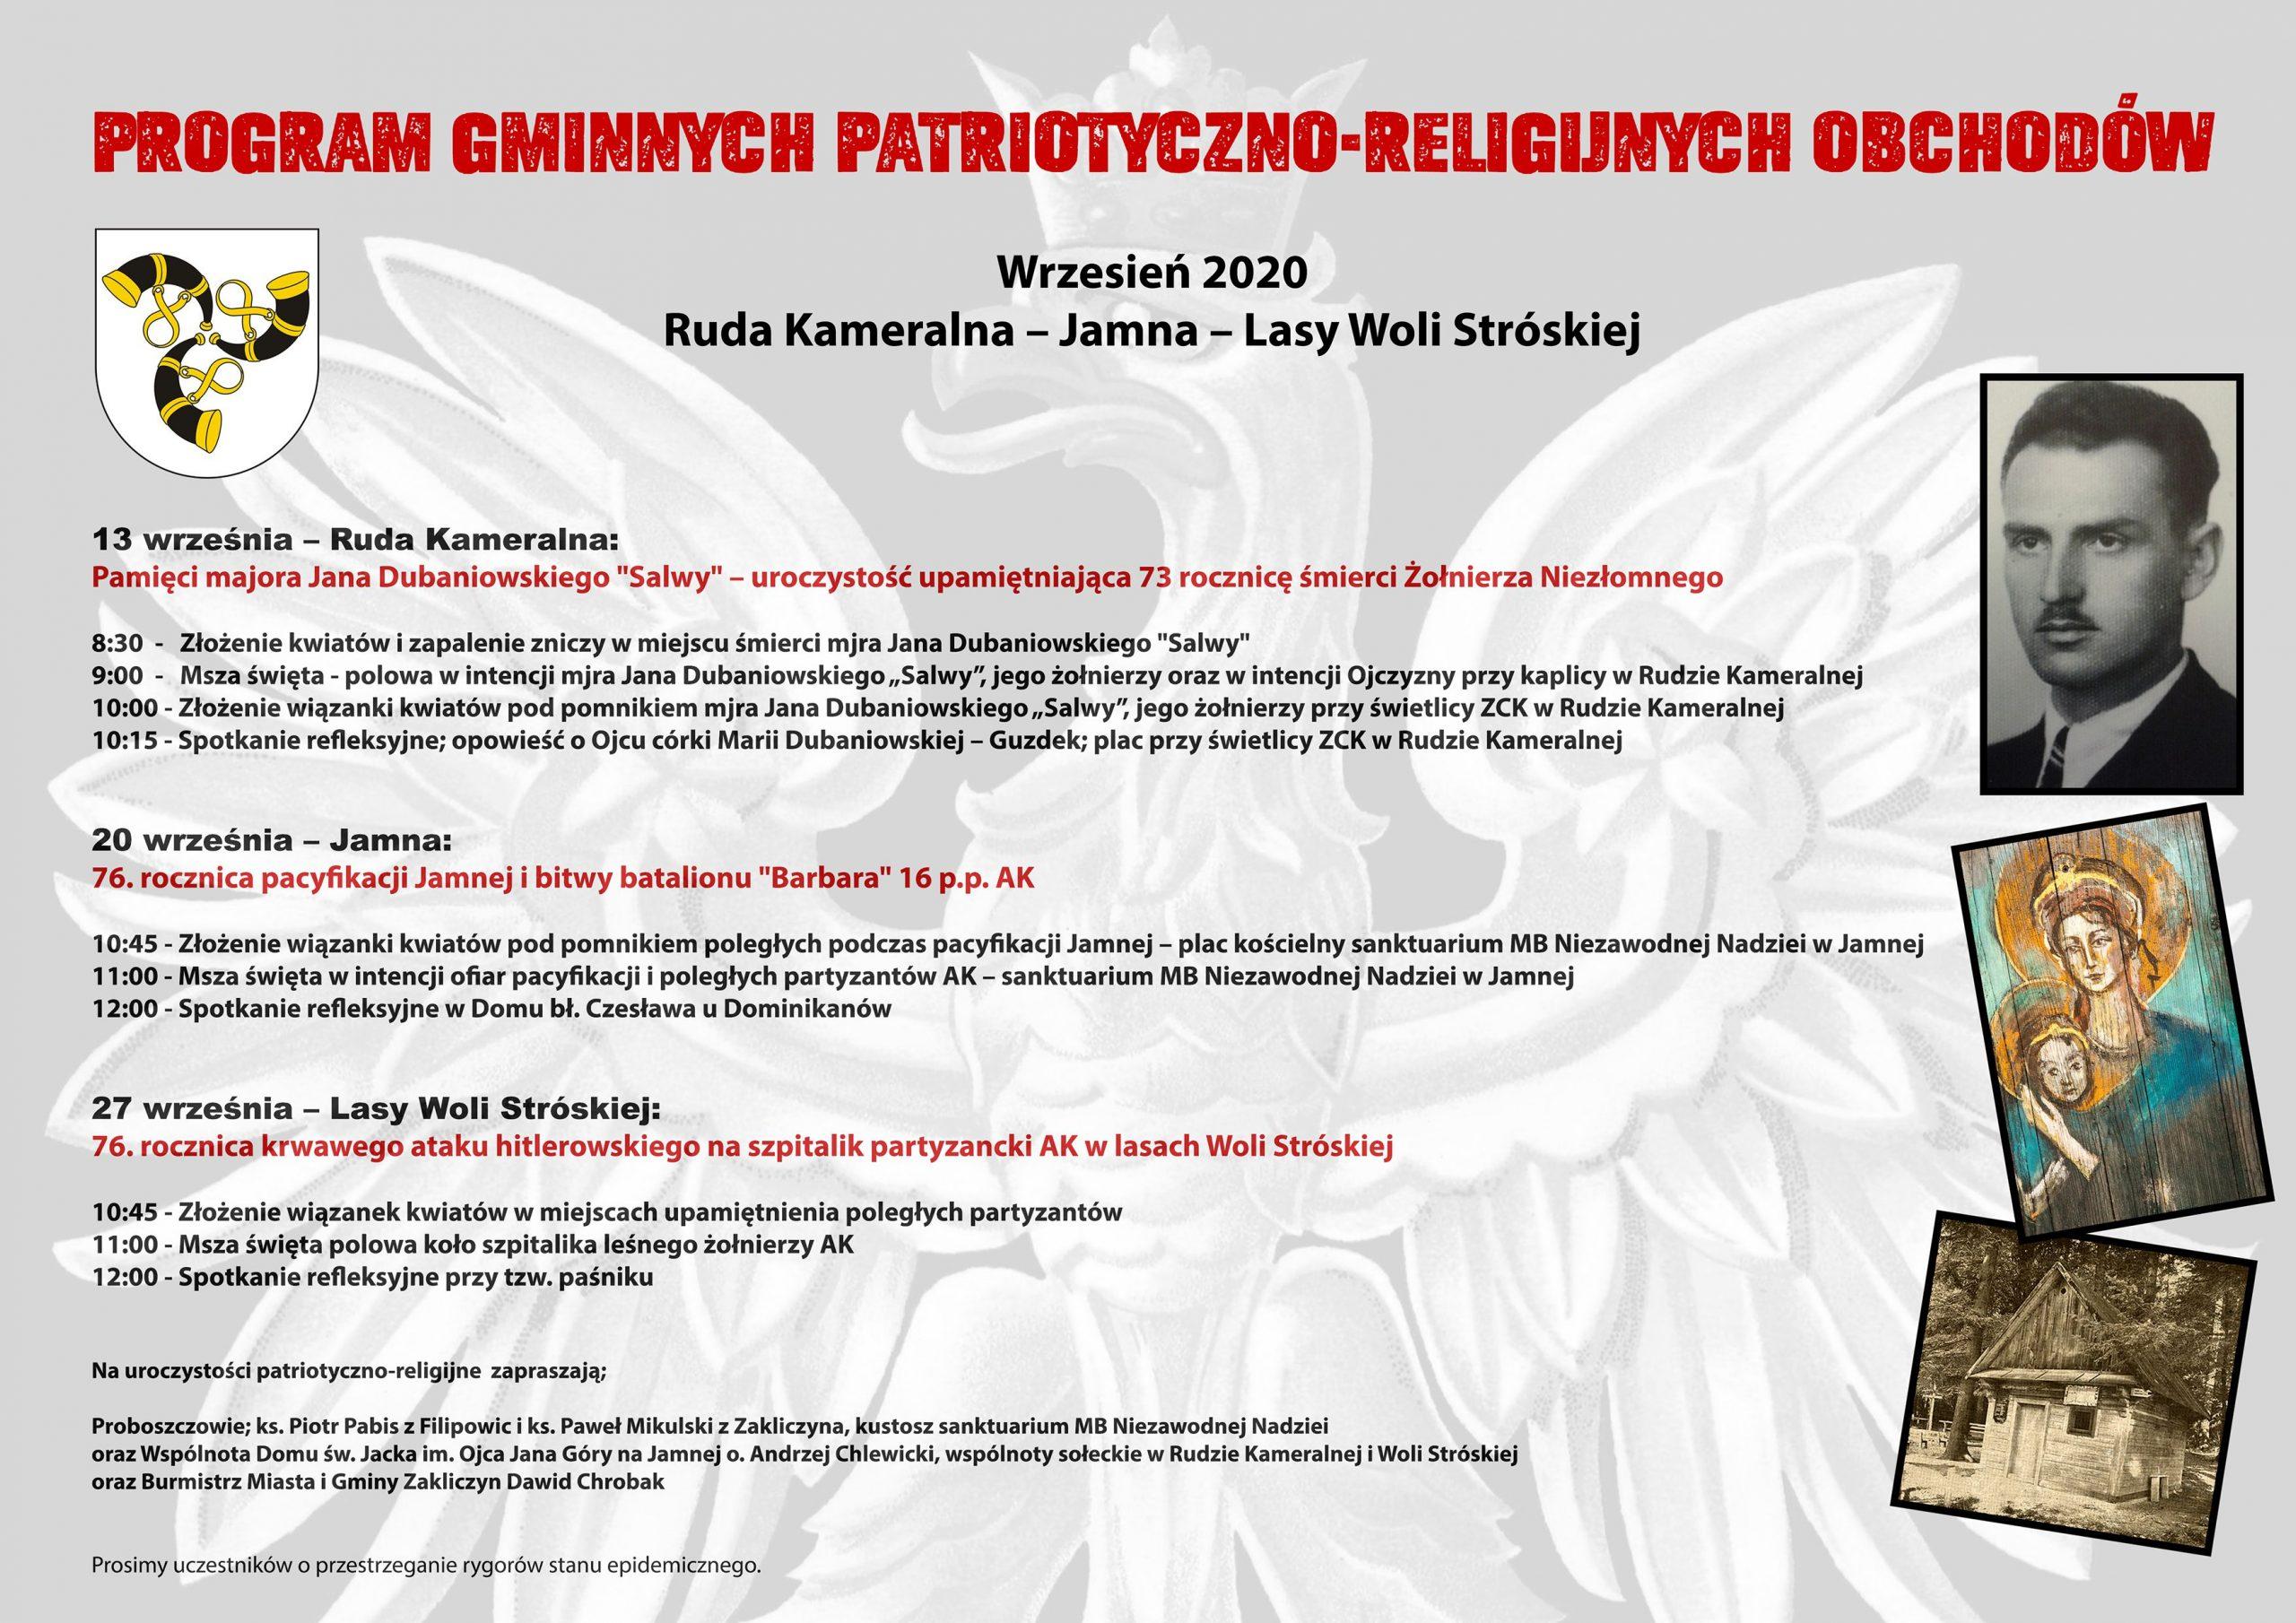 plakat z programem uroczystości patriotyczno-religijnych w Gminie Zakliczyn